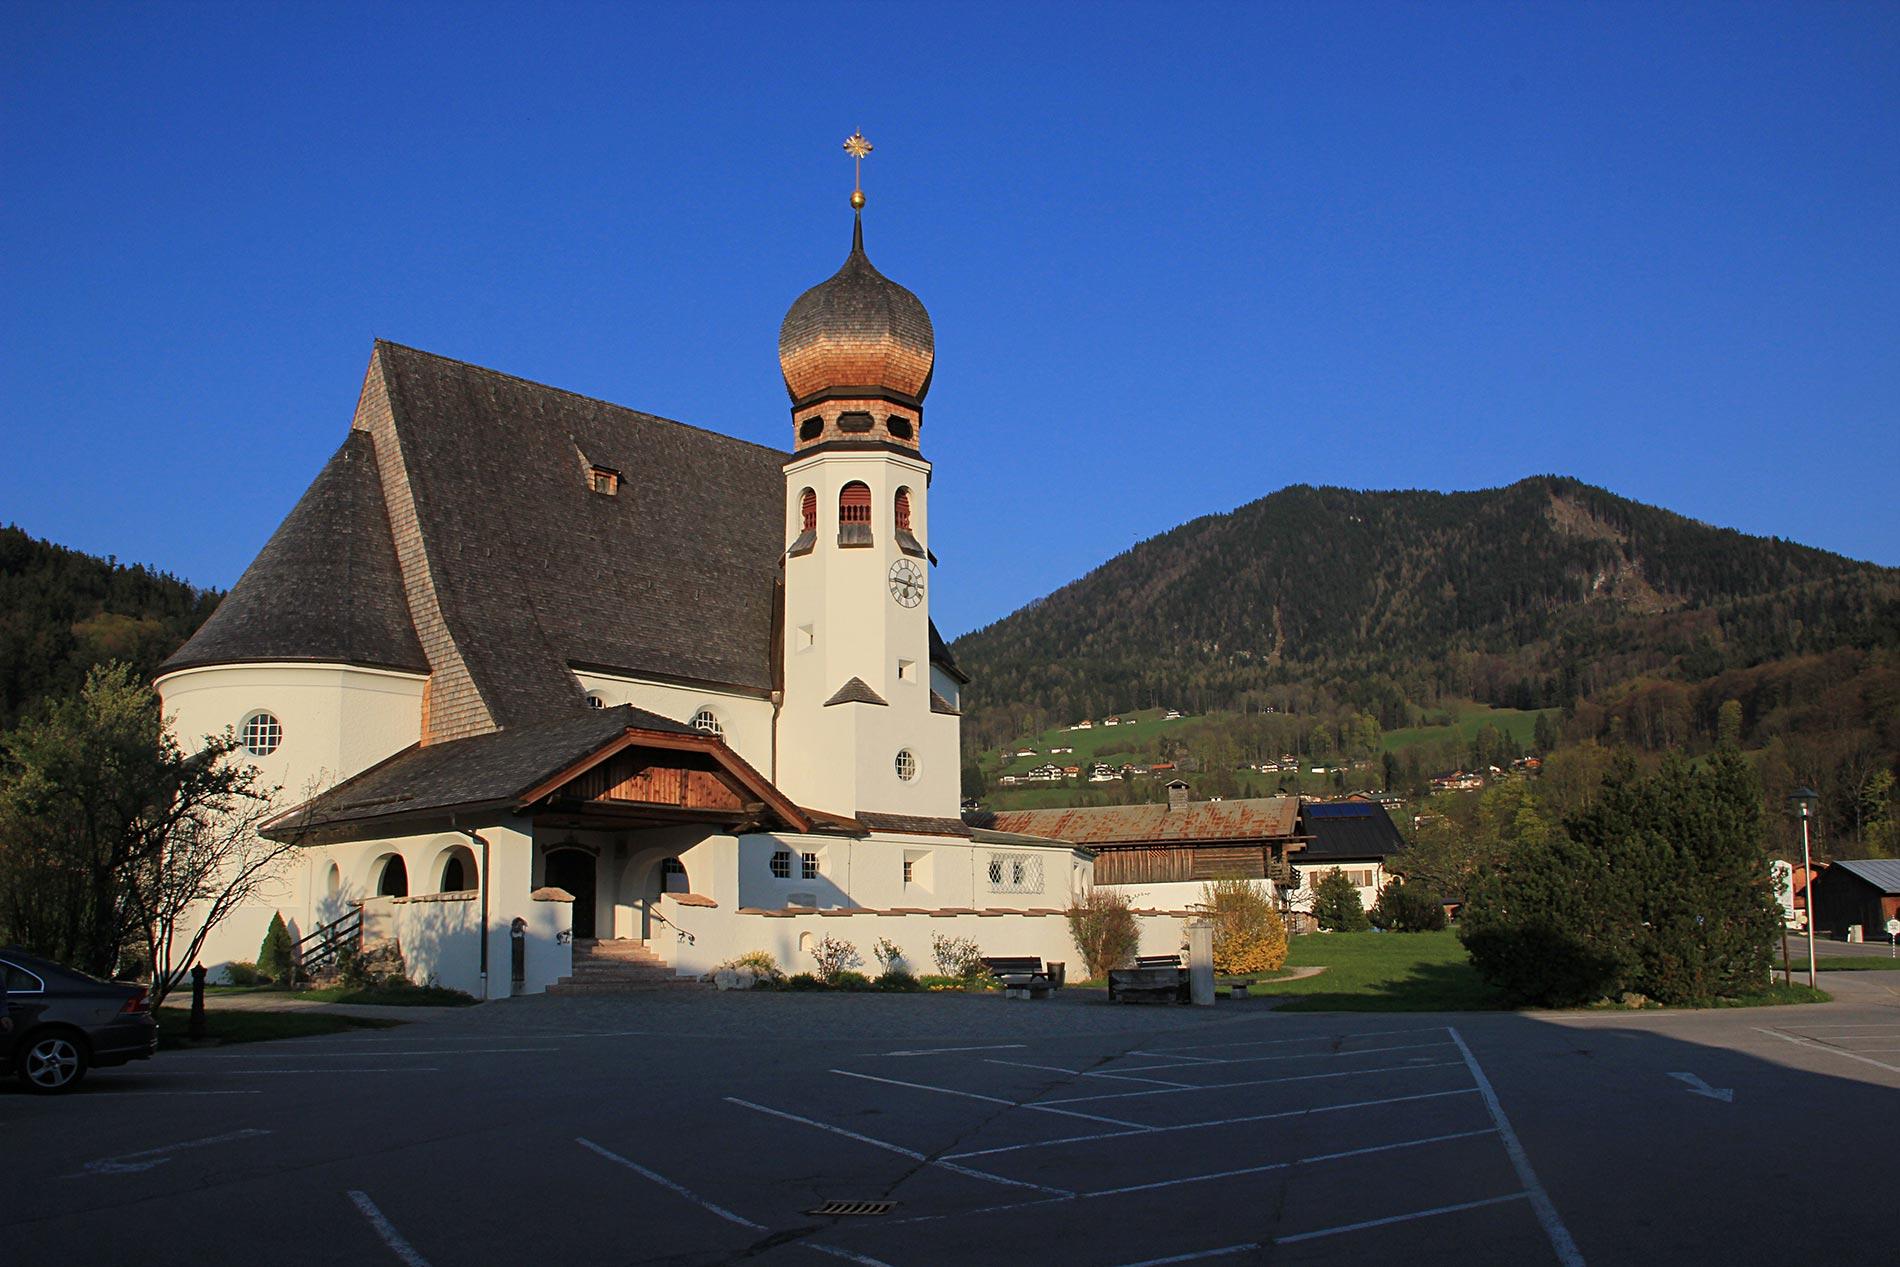 Wetter In Berchtesgaden